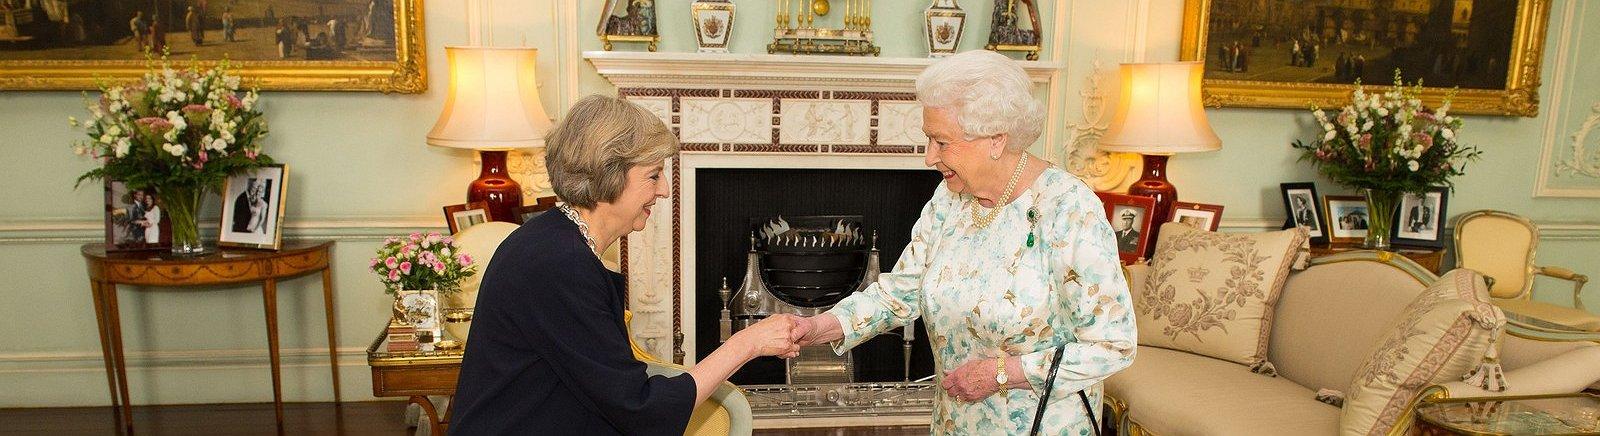 Theresa May asume el cargo de Primera Ministra del Reino Unido